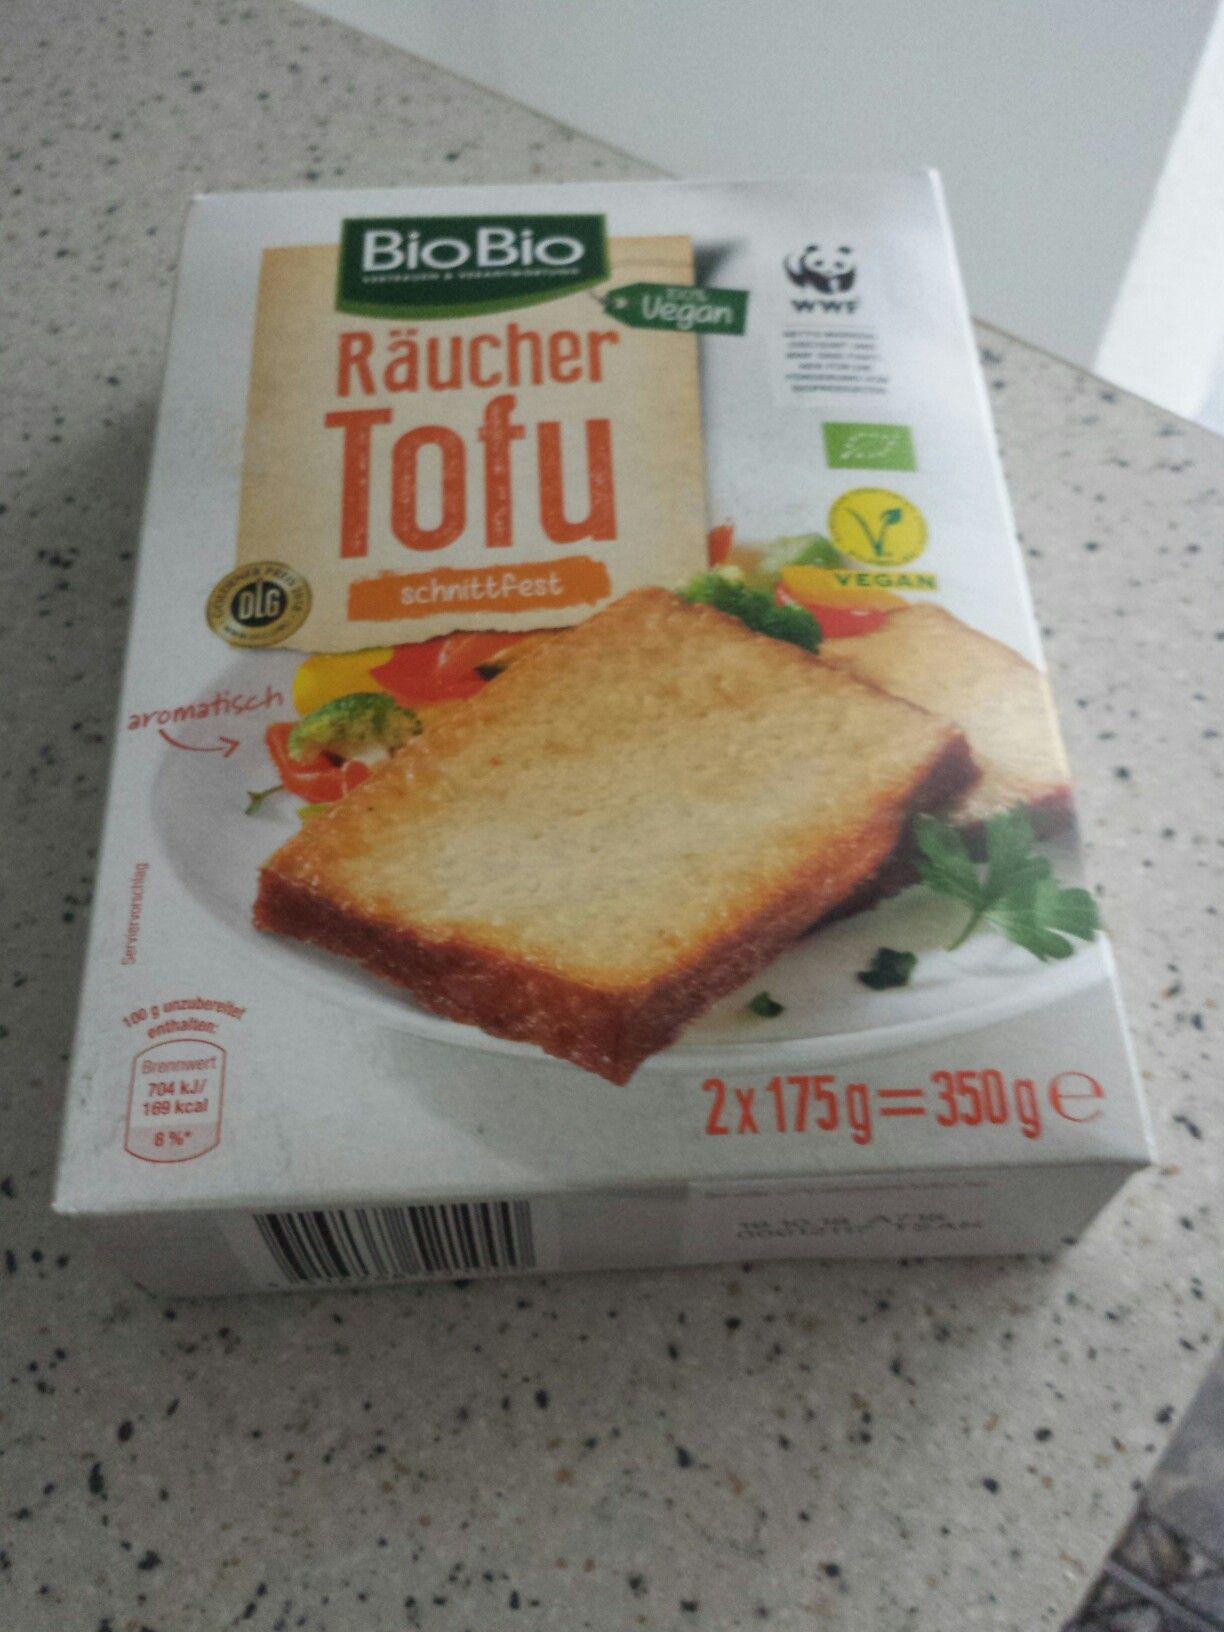 Netto Marken Discount Grosse Auswahl Zum Gunstigen Preis Unsere Biobio Produkte Lebensmittel Essen Lebensmittel Gesunde Lebensmittel